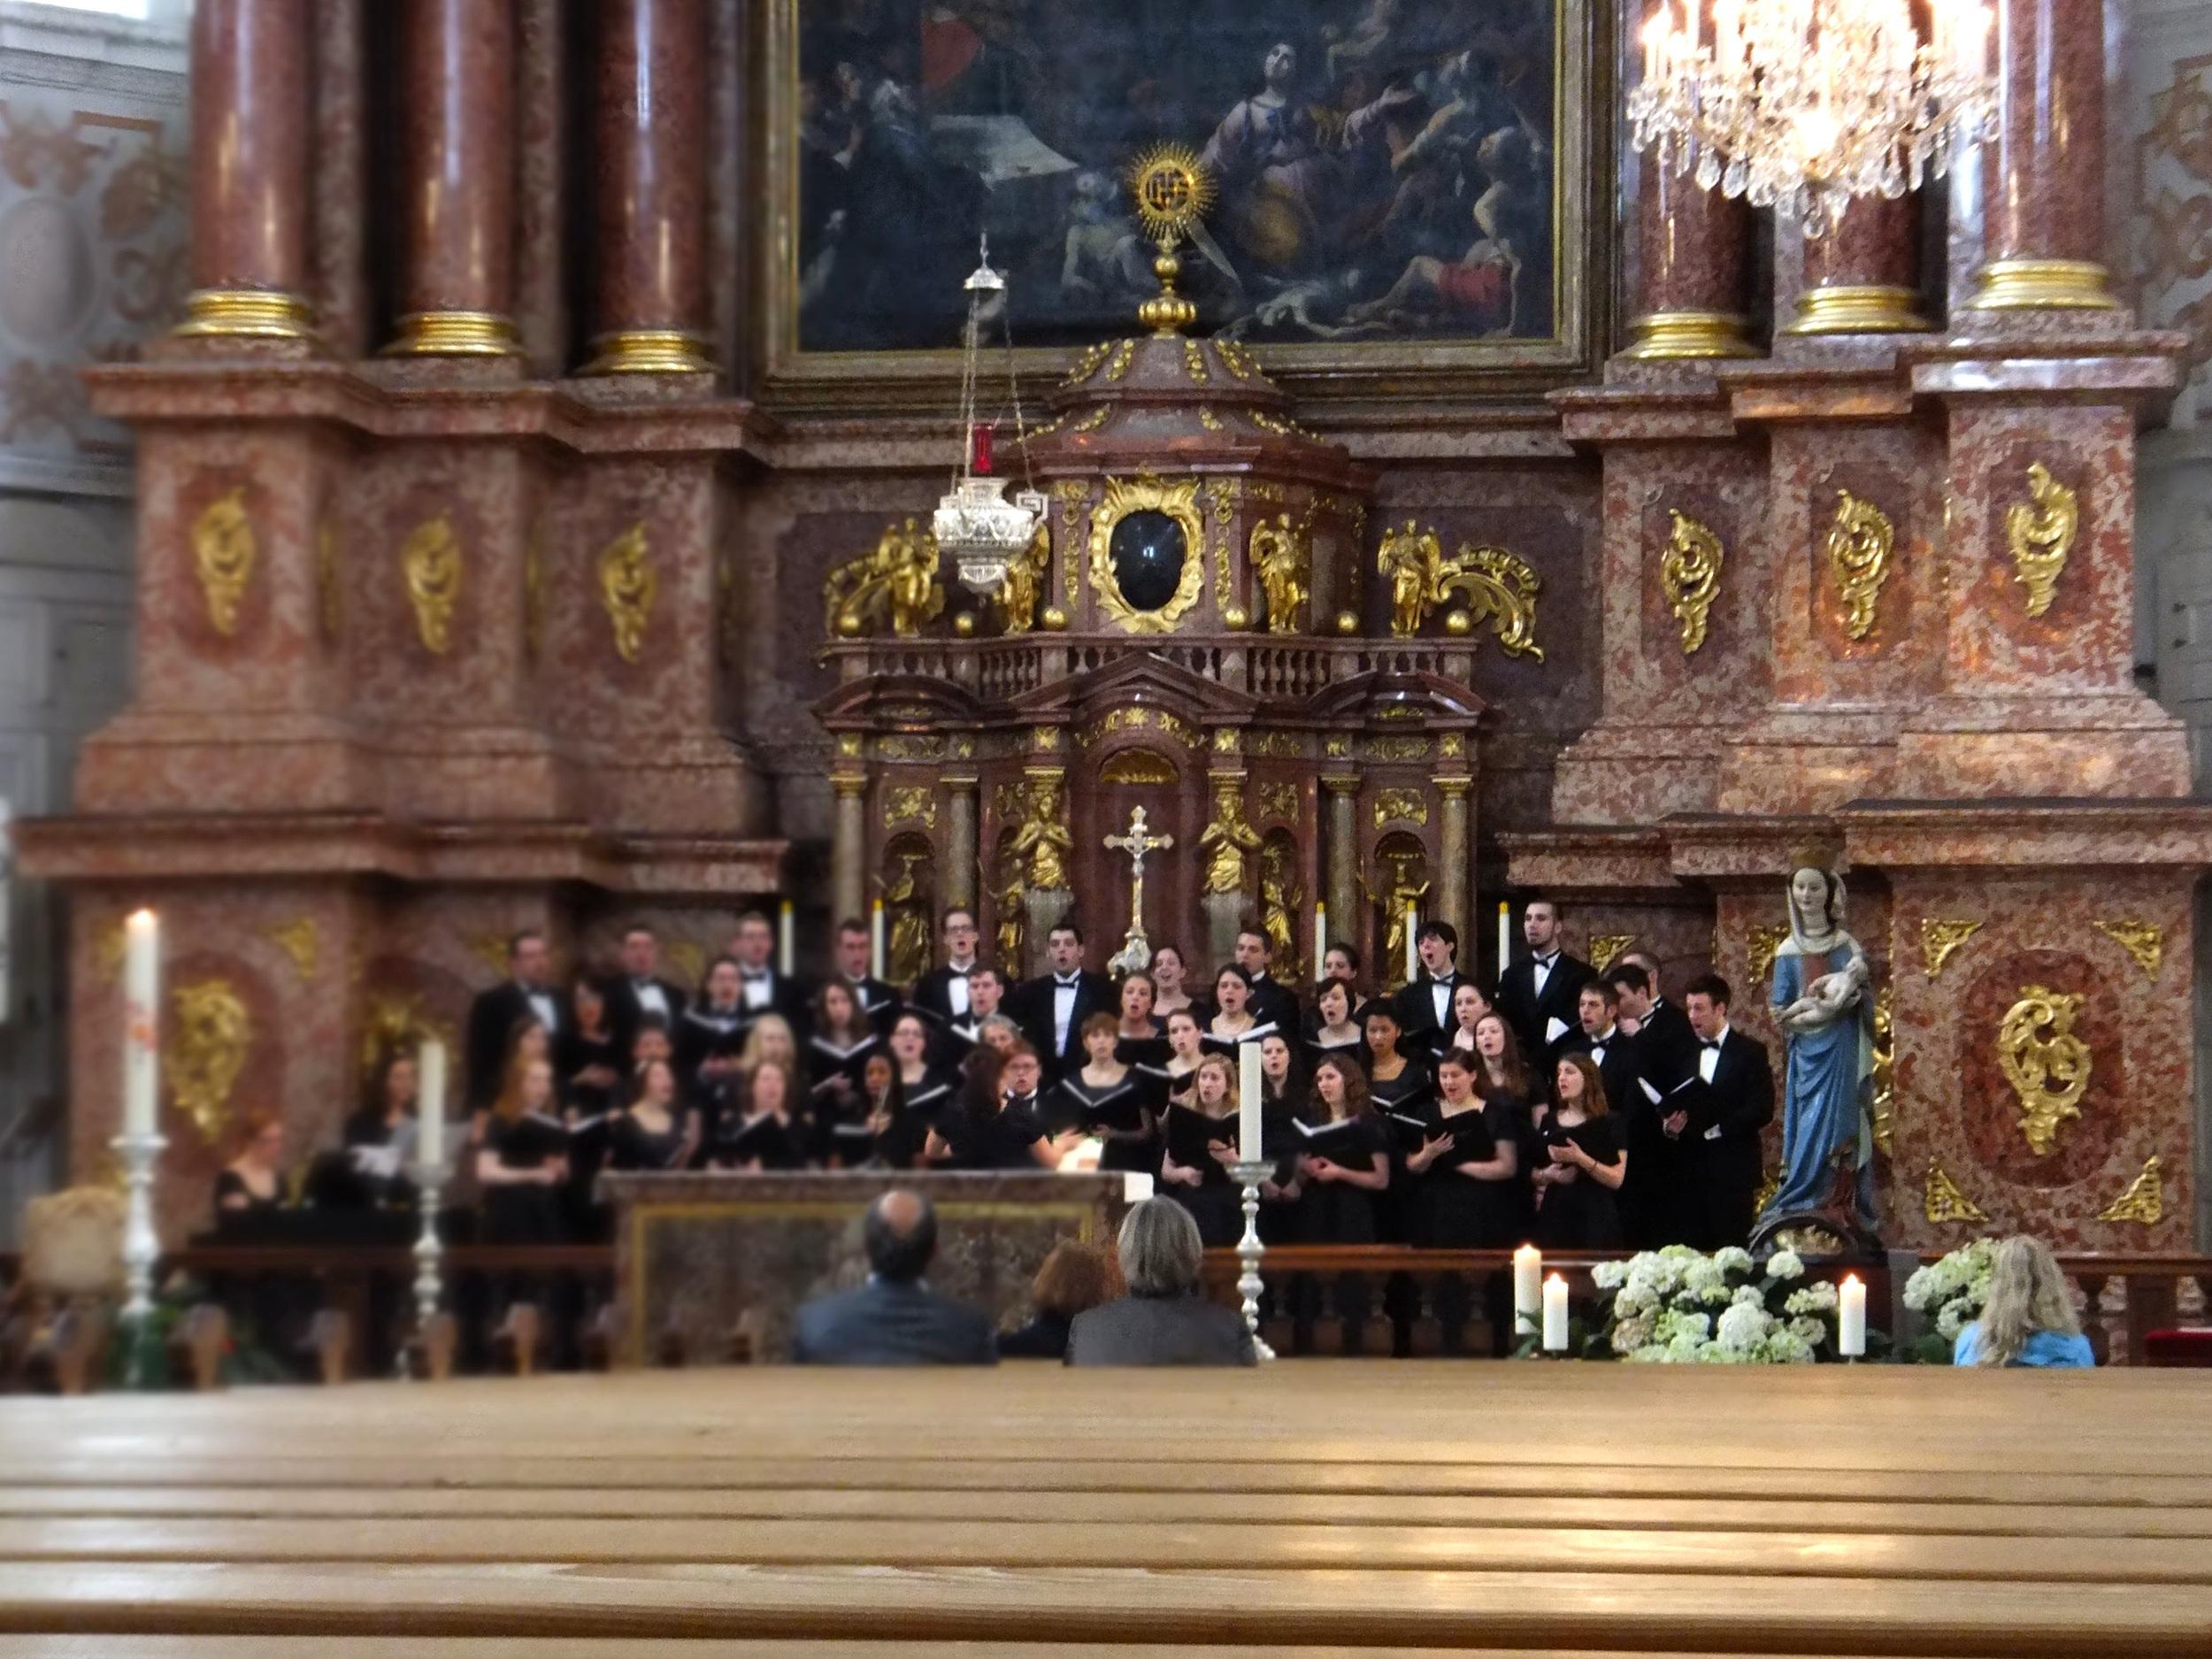 DSCF4123 Choir